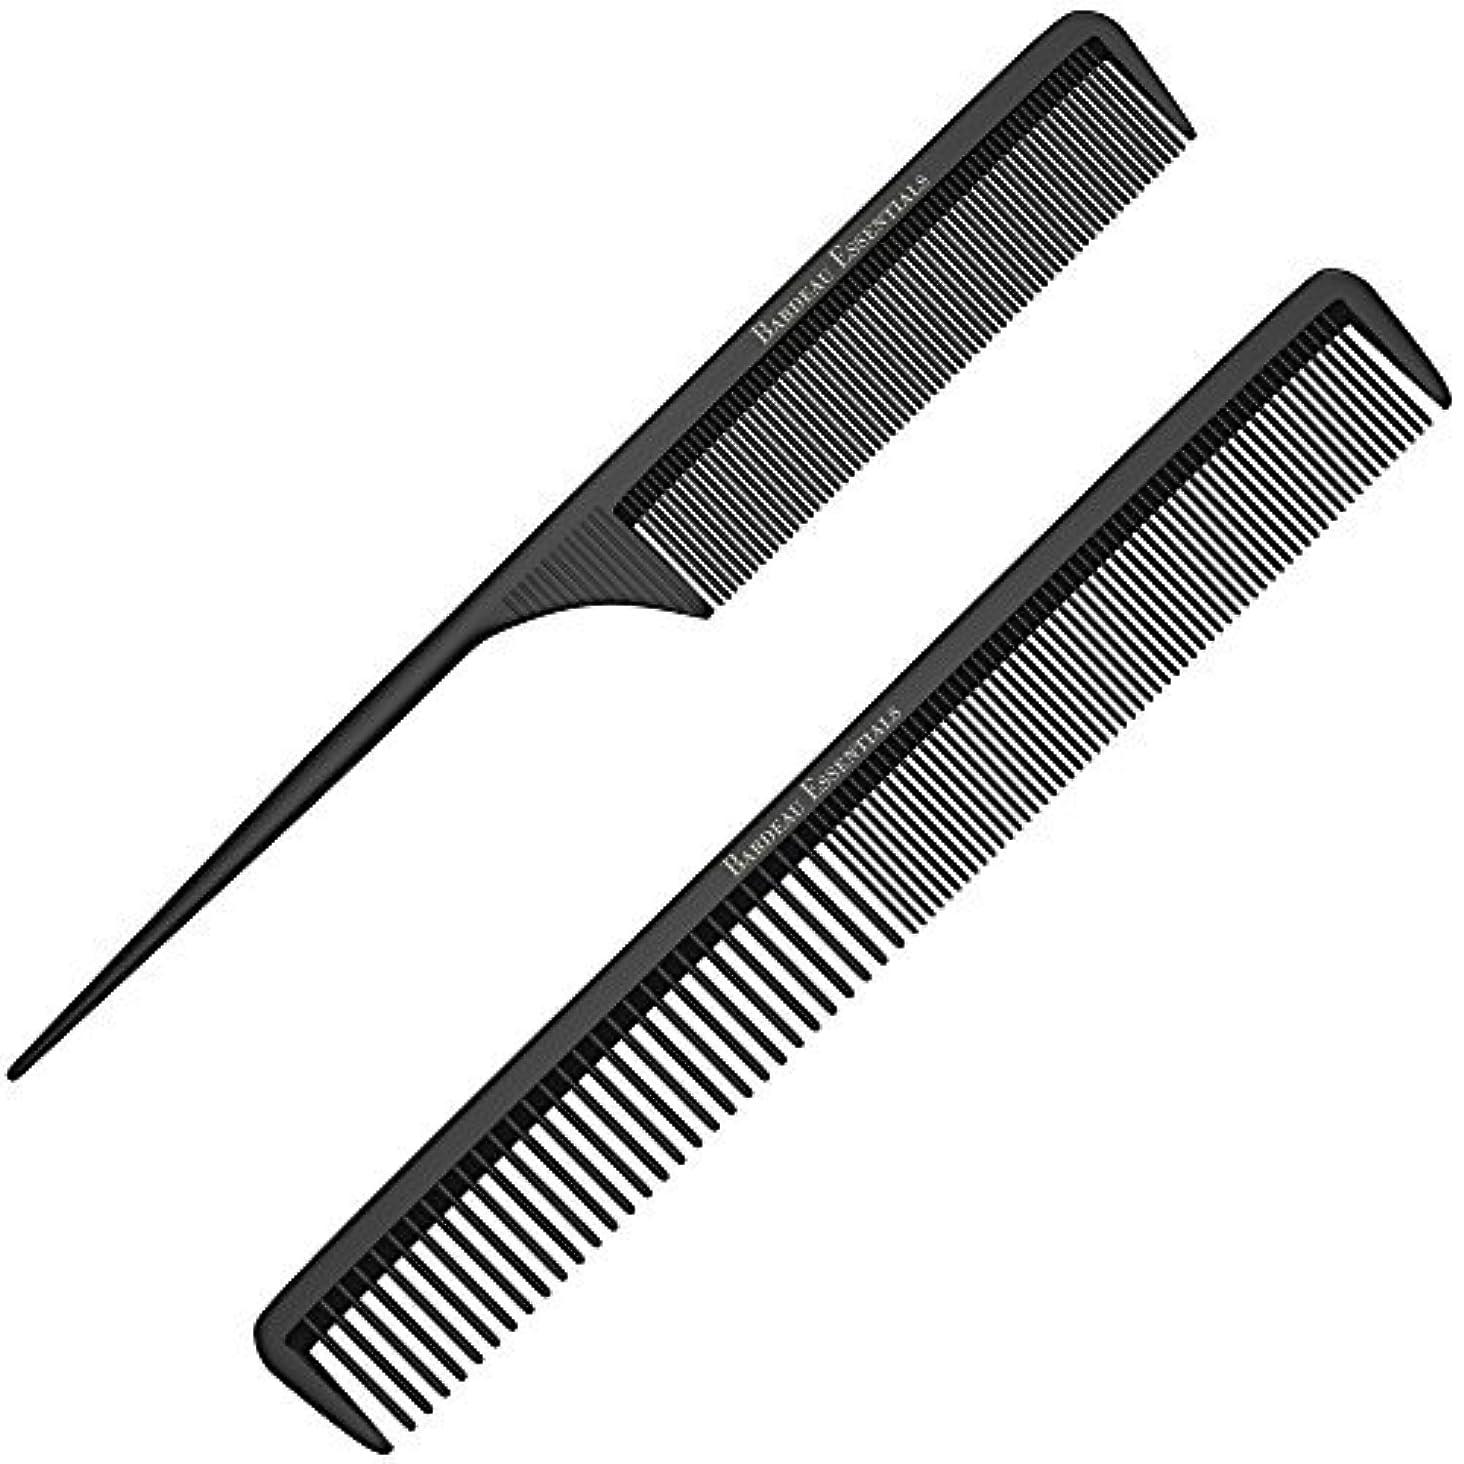 骨折潜む操作可能Styling Comb and Tail Comb Combo Pack | Professional 8.75  Black Carbon Fiber Anti Static Chemical And Heat Resistant...